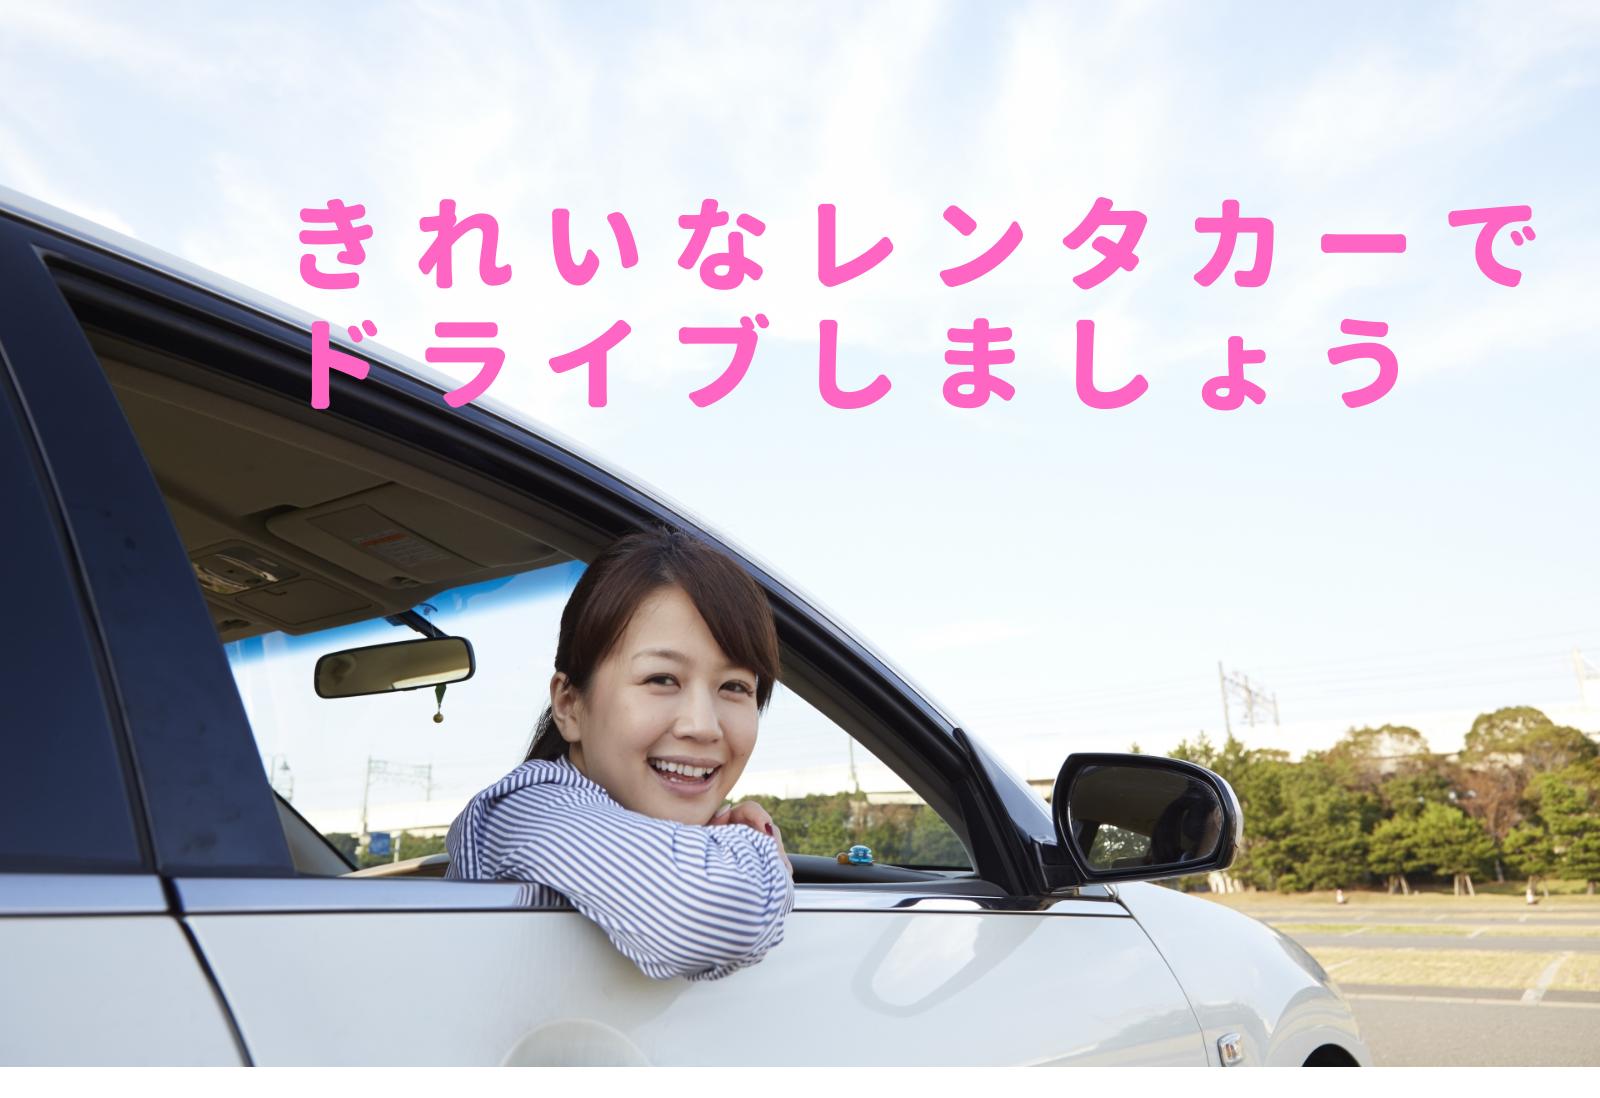 まとめ:気持ちよく利用するならきれいなレンタカー